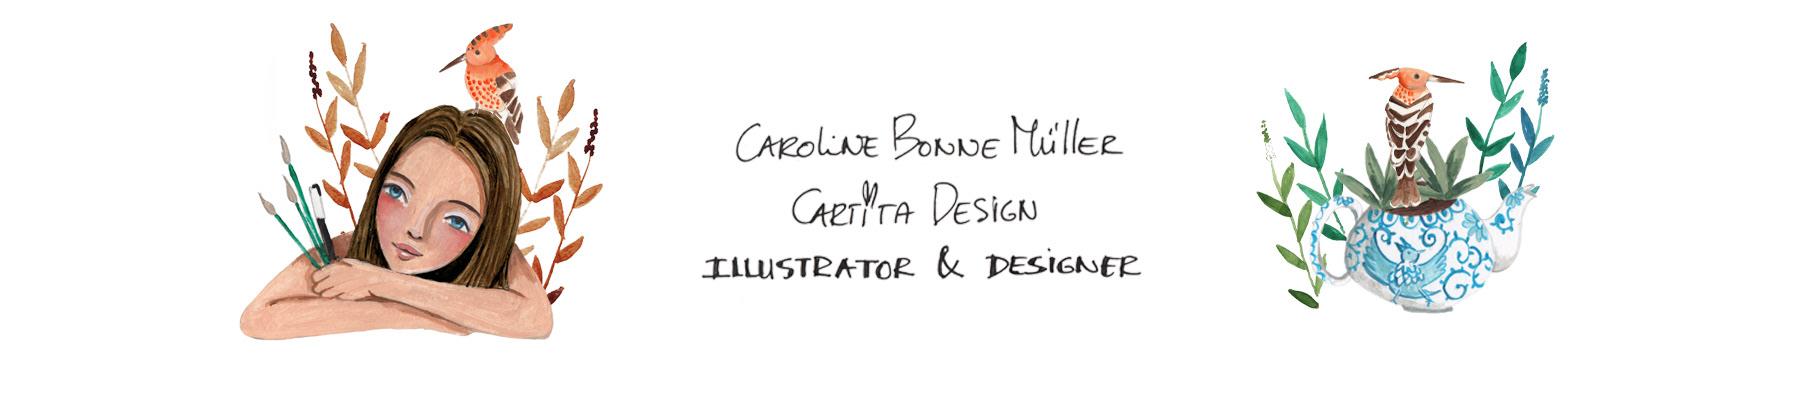 Cartita Design